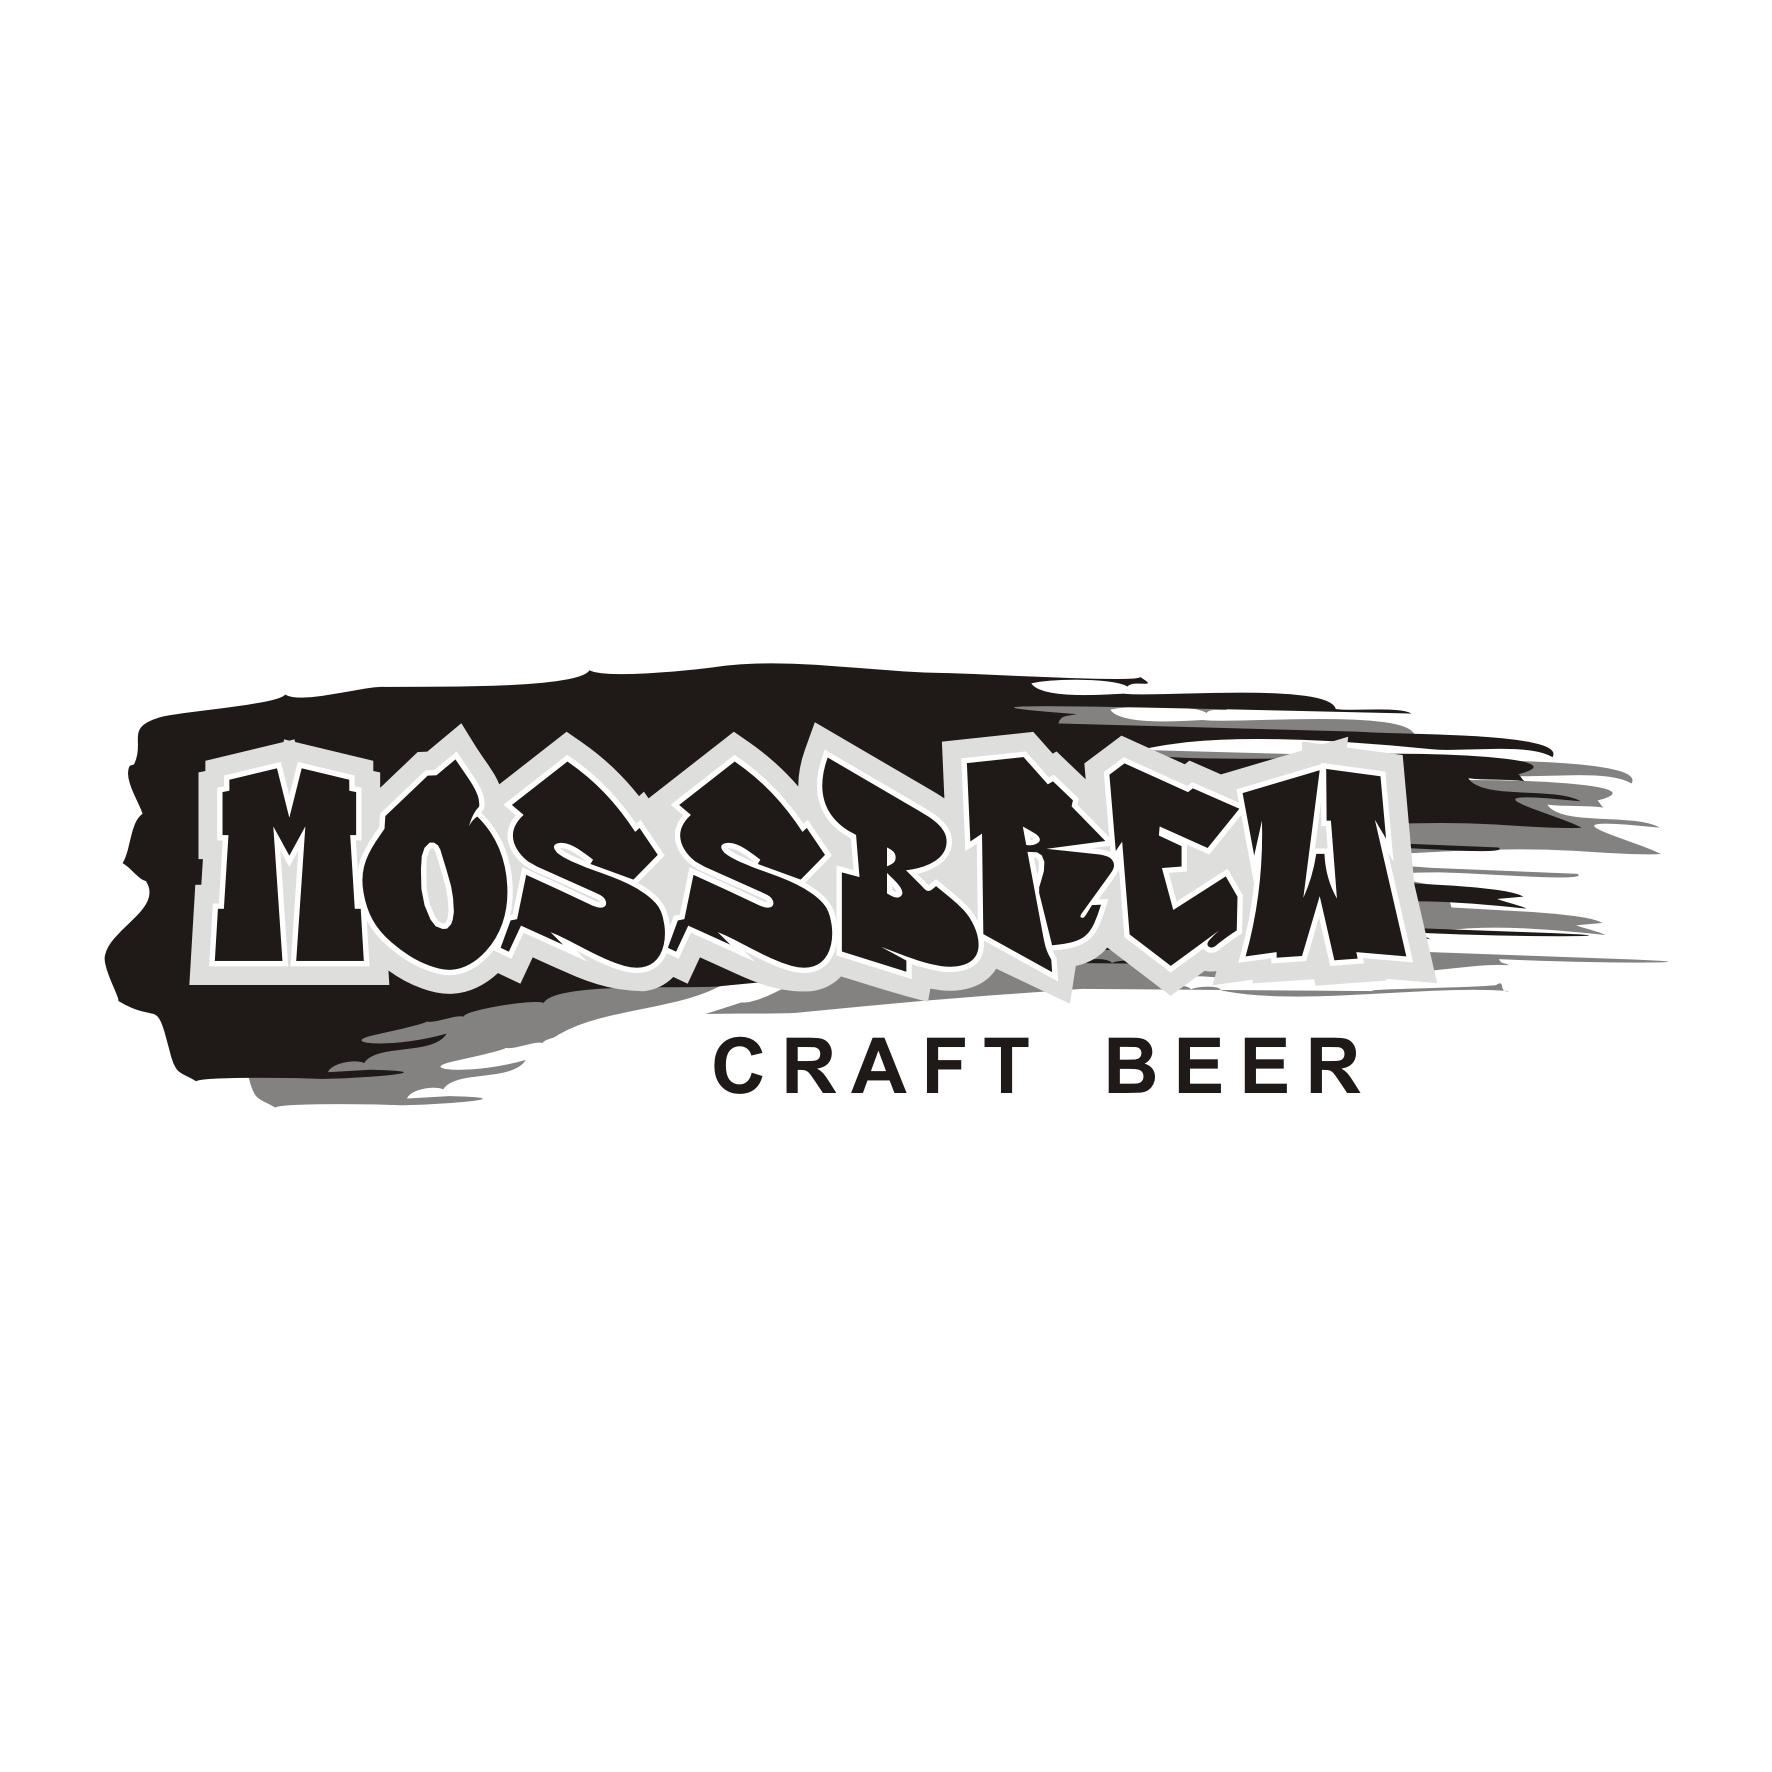 Логотип для пивоварни фото f_3155989bd4f893d9.jpg